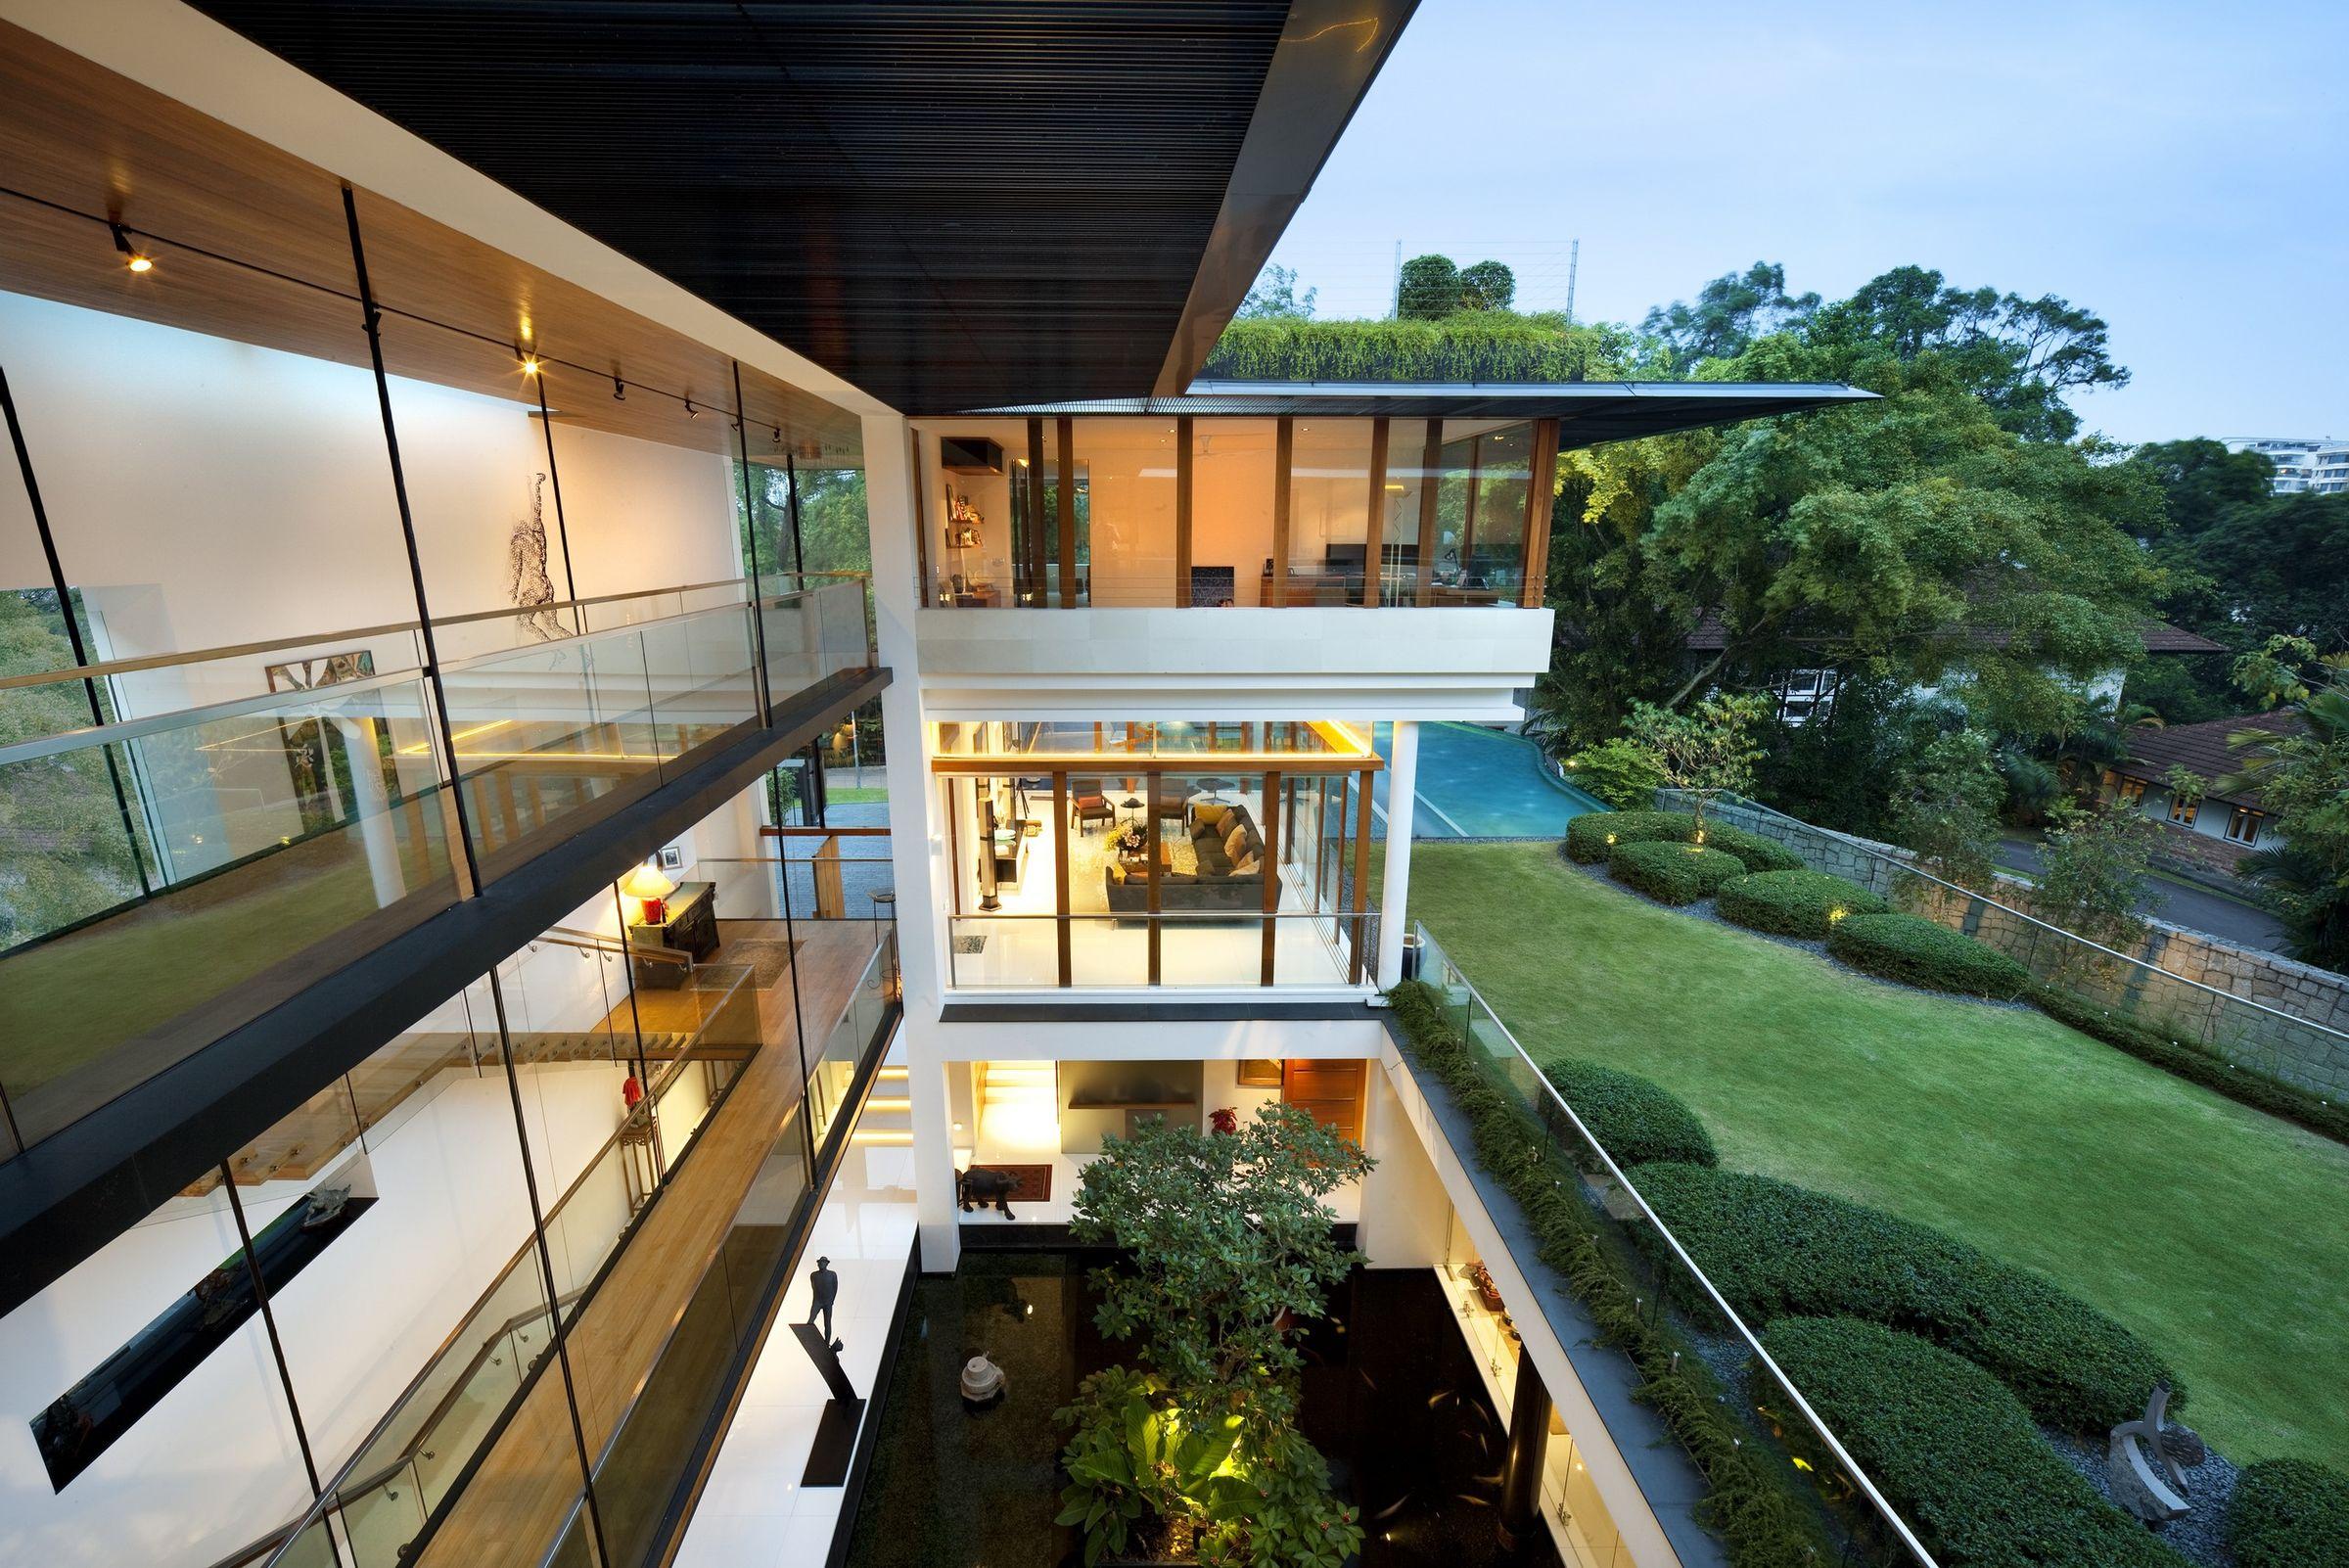 cac mau nha biet thu co san vuon dep nhat the gioi 32 50+ mẫu nhà biệt thự có sân vườn xanh mát mê mọi góc cạnh của thế giới